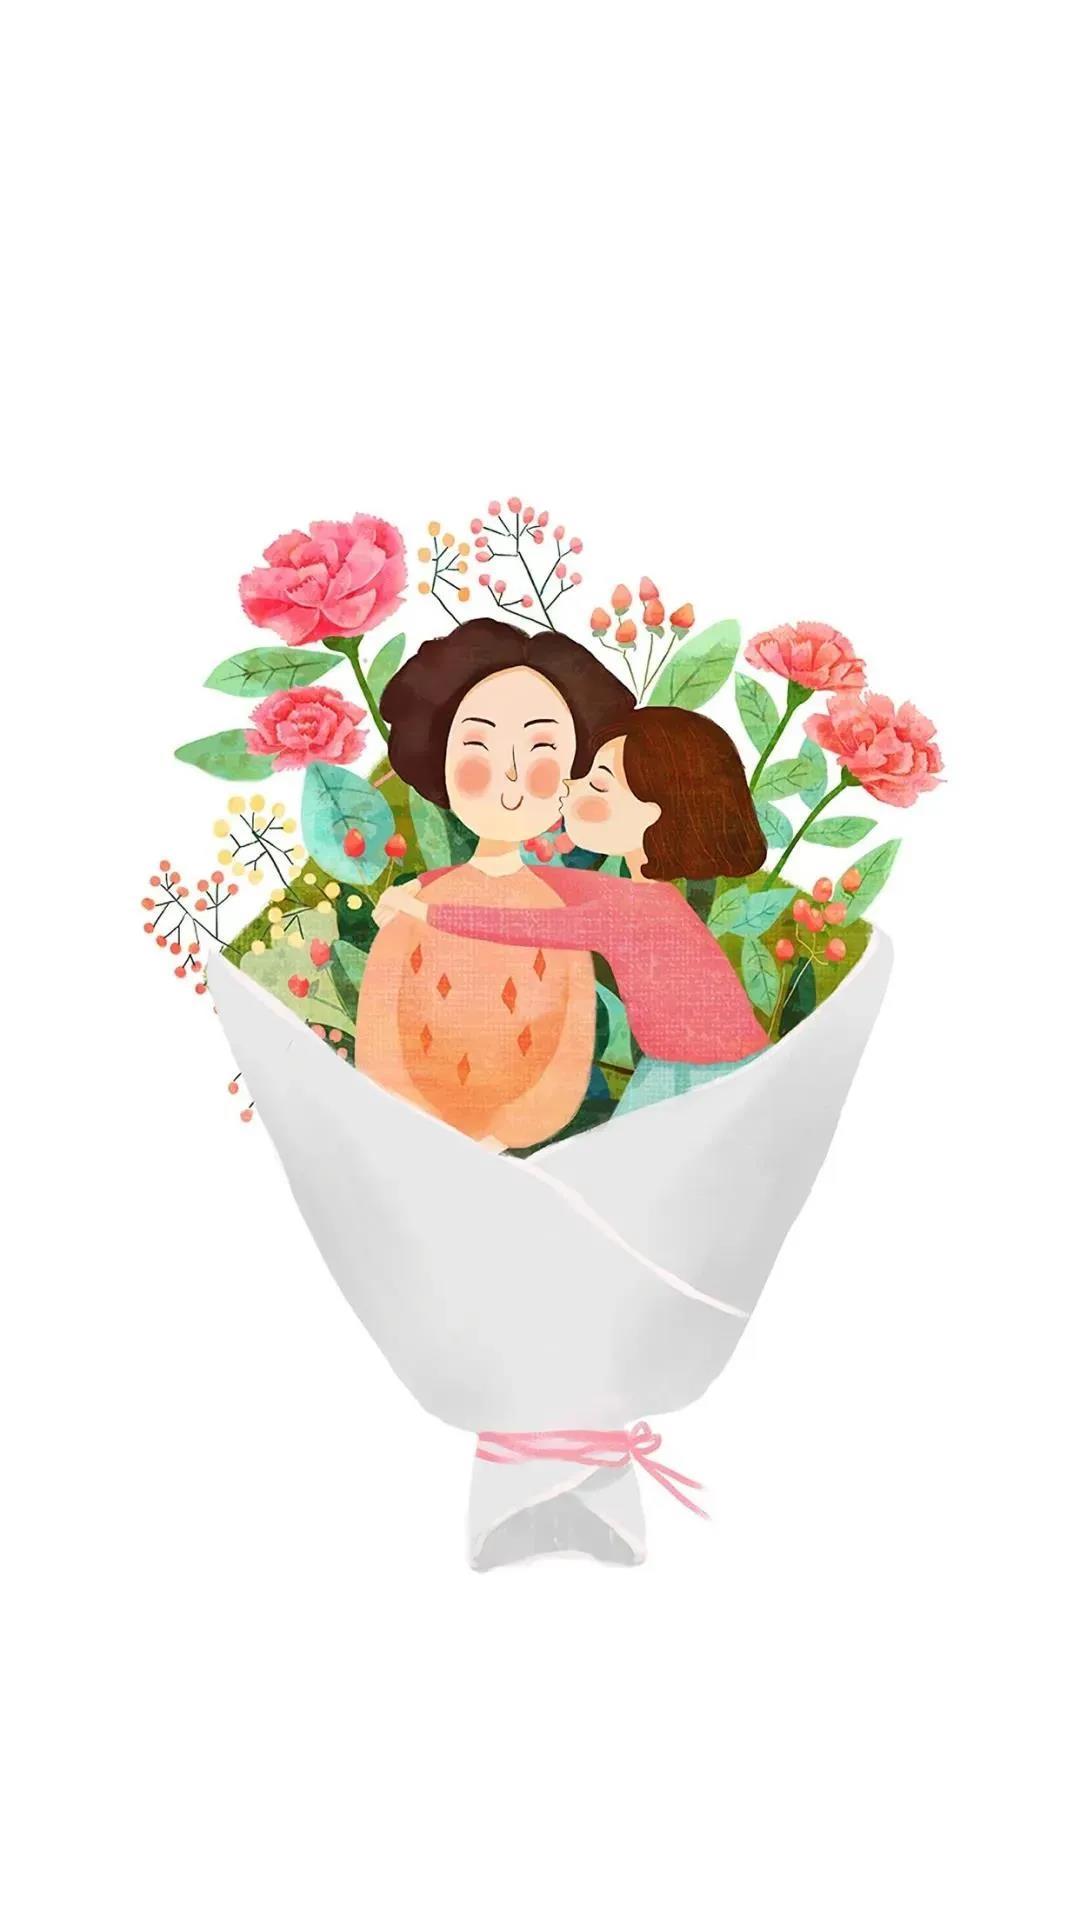 母亲节朋友圈文案,母亲节手机海报图片素材,最新母亲节文案和手机图片海报